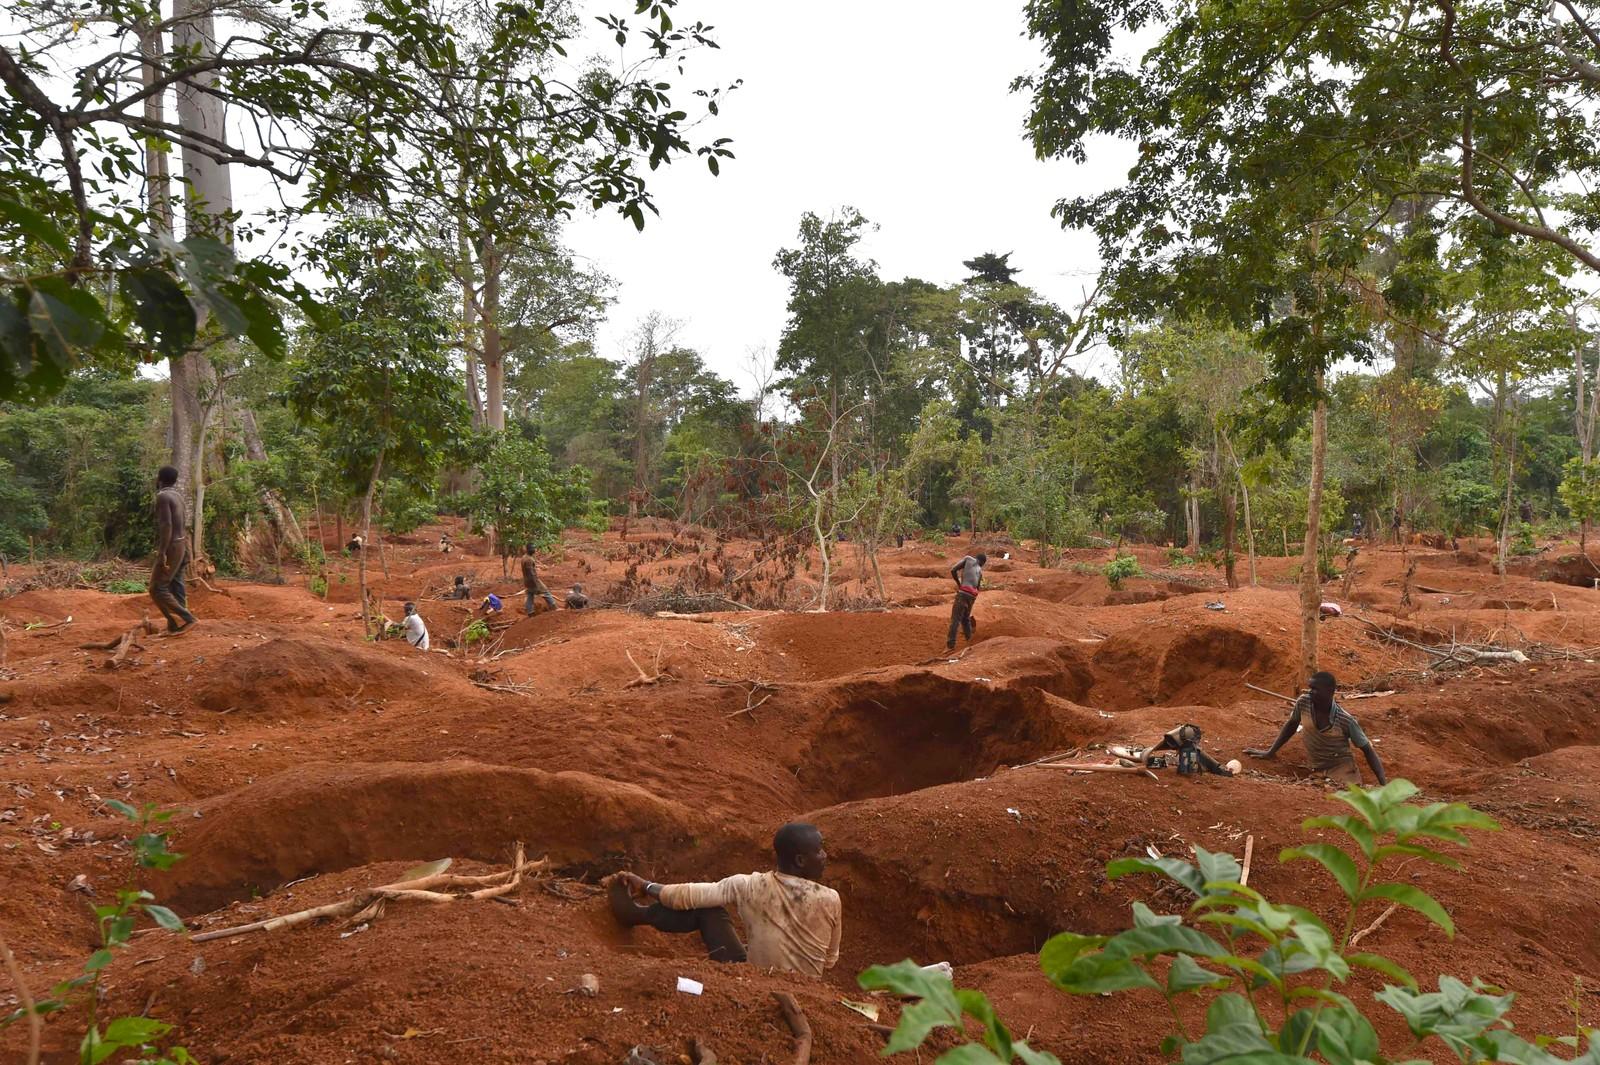 Trær har blitt rykket opp med røttene, og gullgravere forsøker å finne lykken i hullene nær Dimbokro på Elfenbenskysten den 15. august.